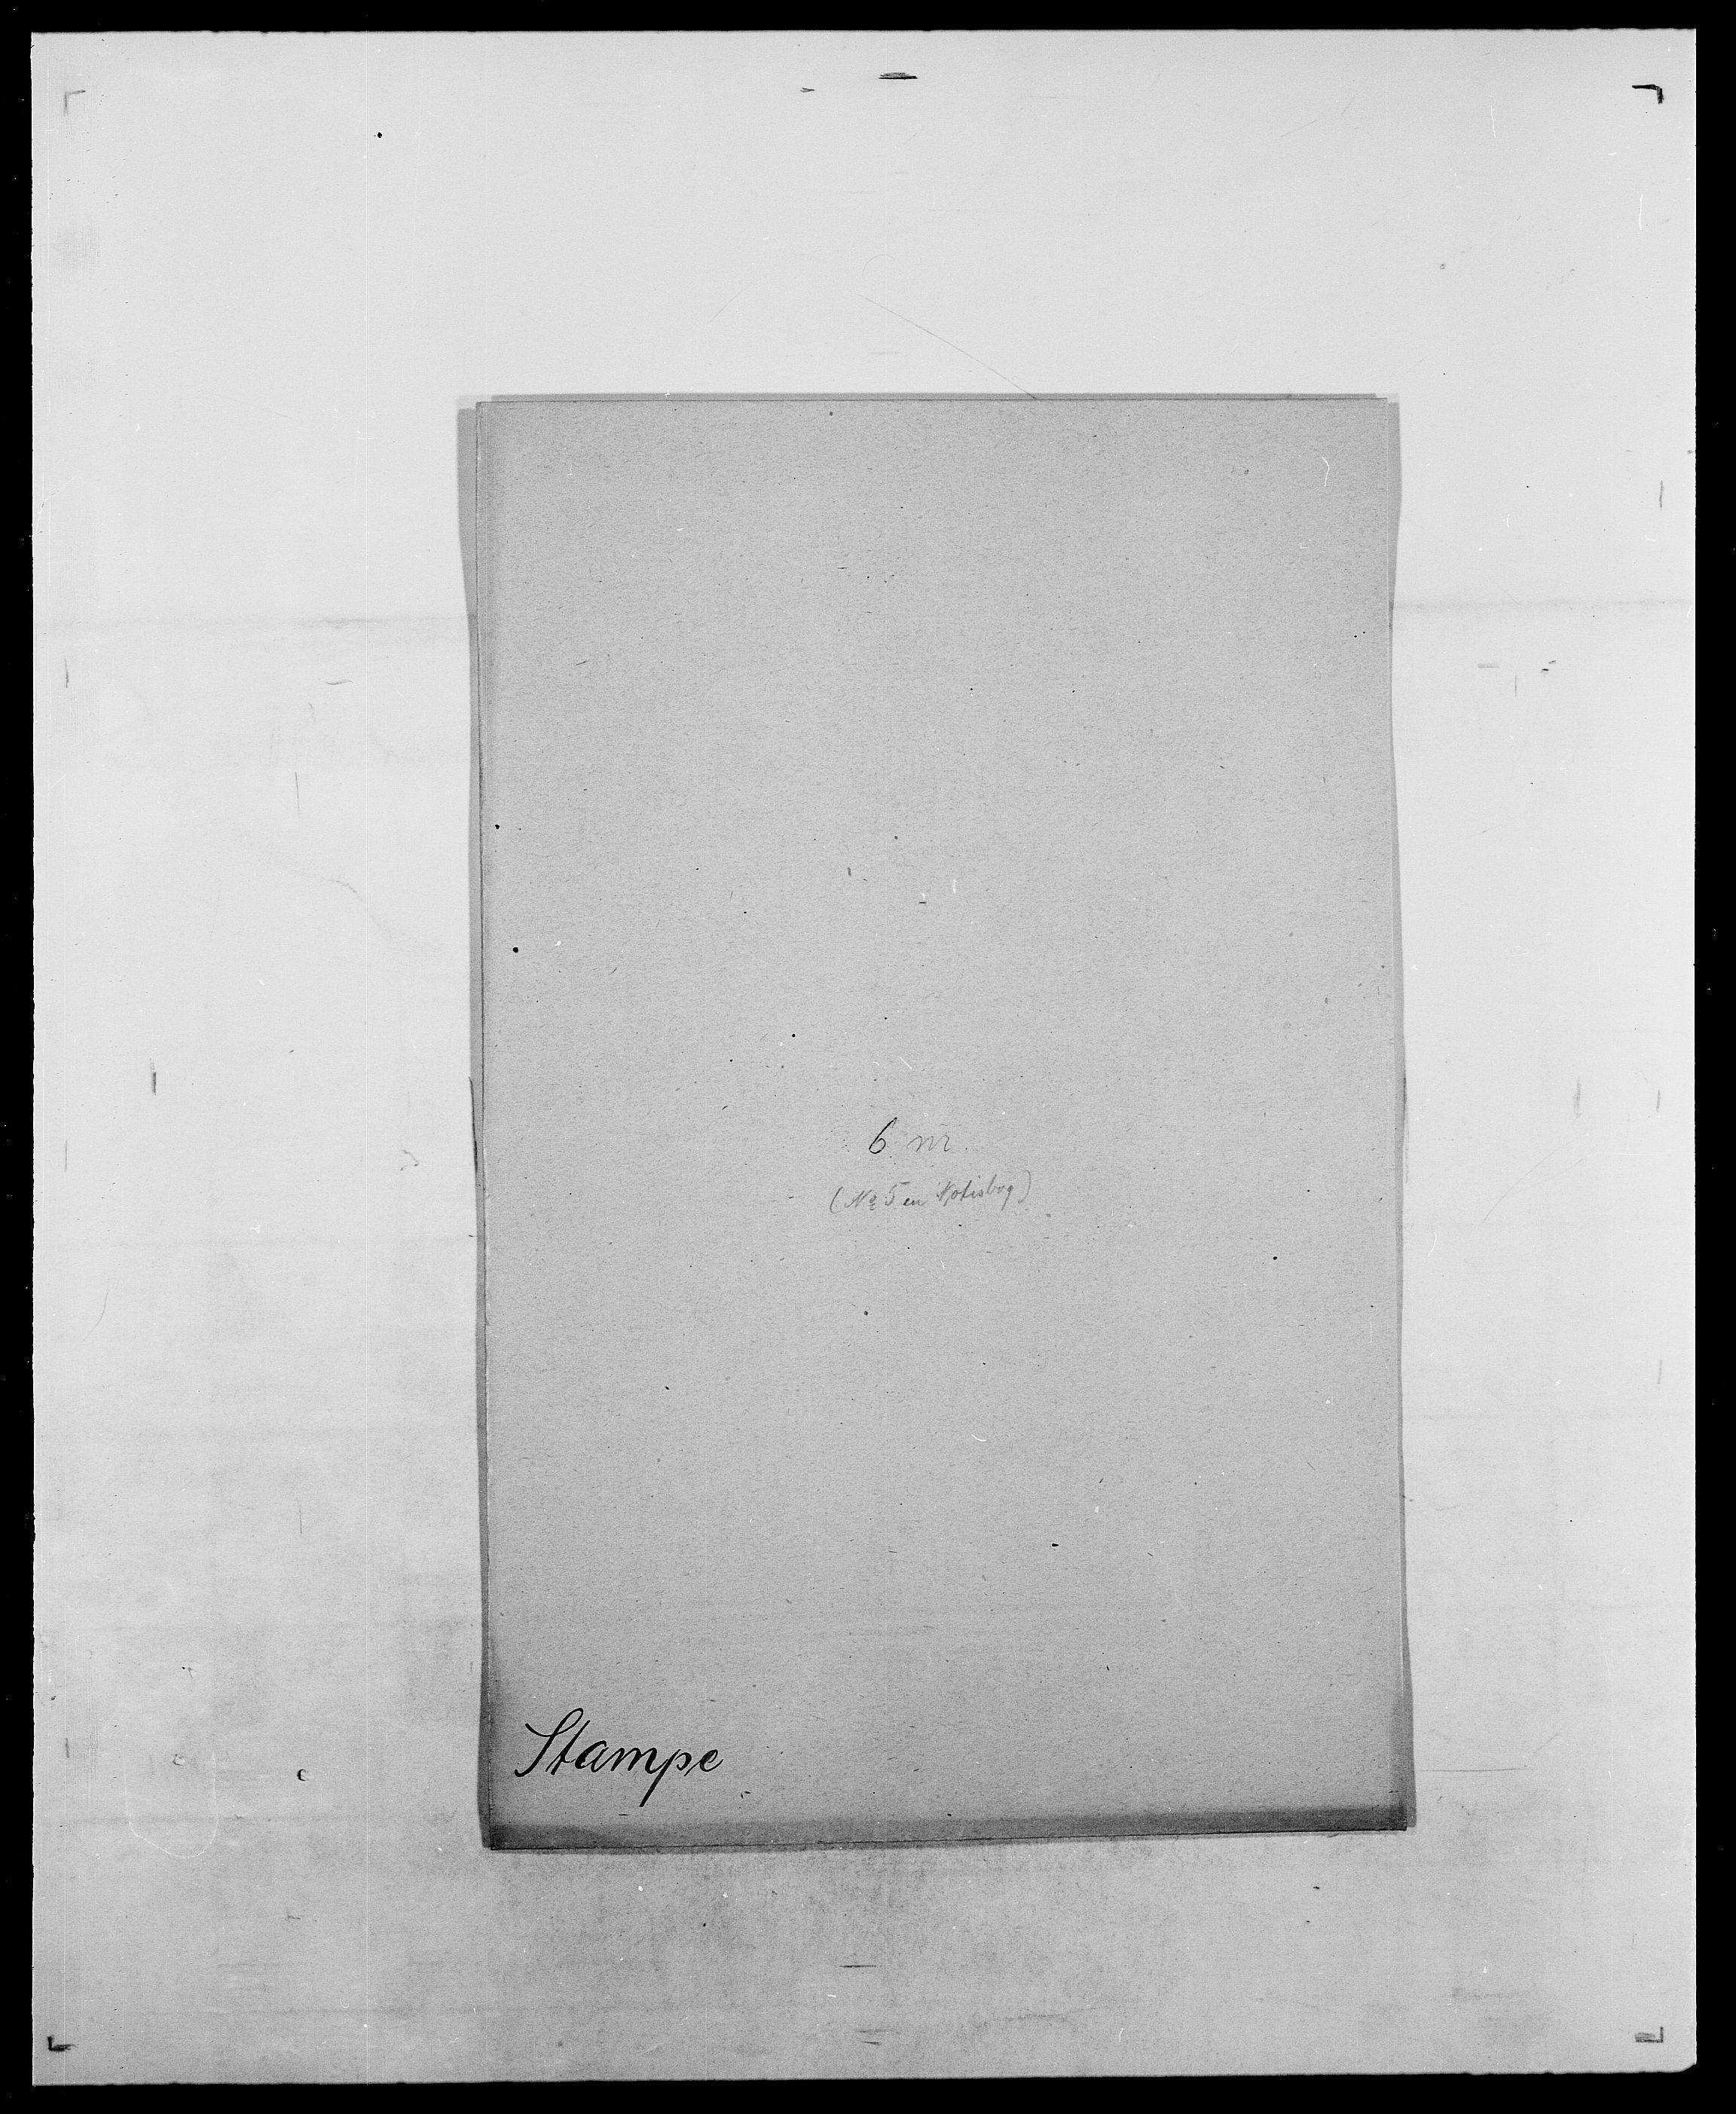 SAO, Delgobe, Charles Antoine - samling, D/Da/L0036: Skaanør - Staverskov, s. 942